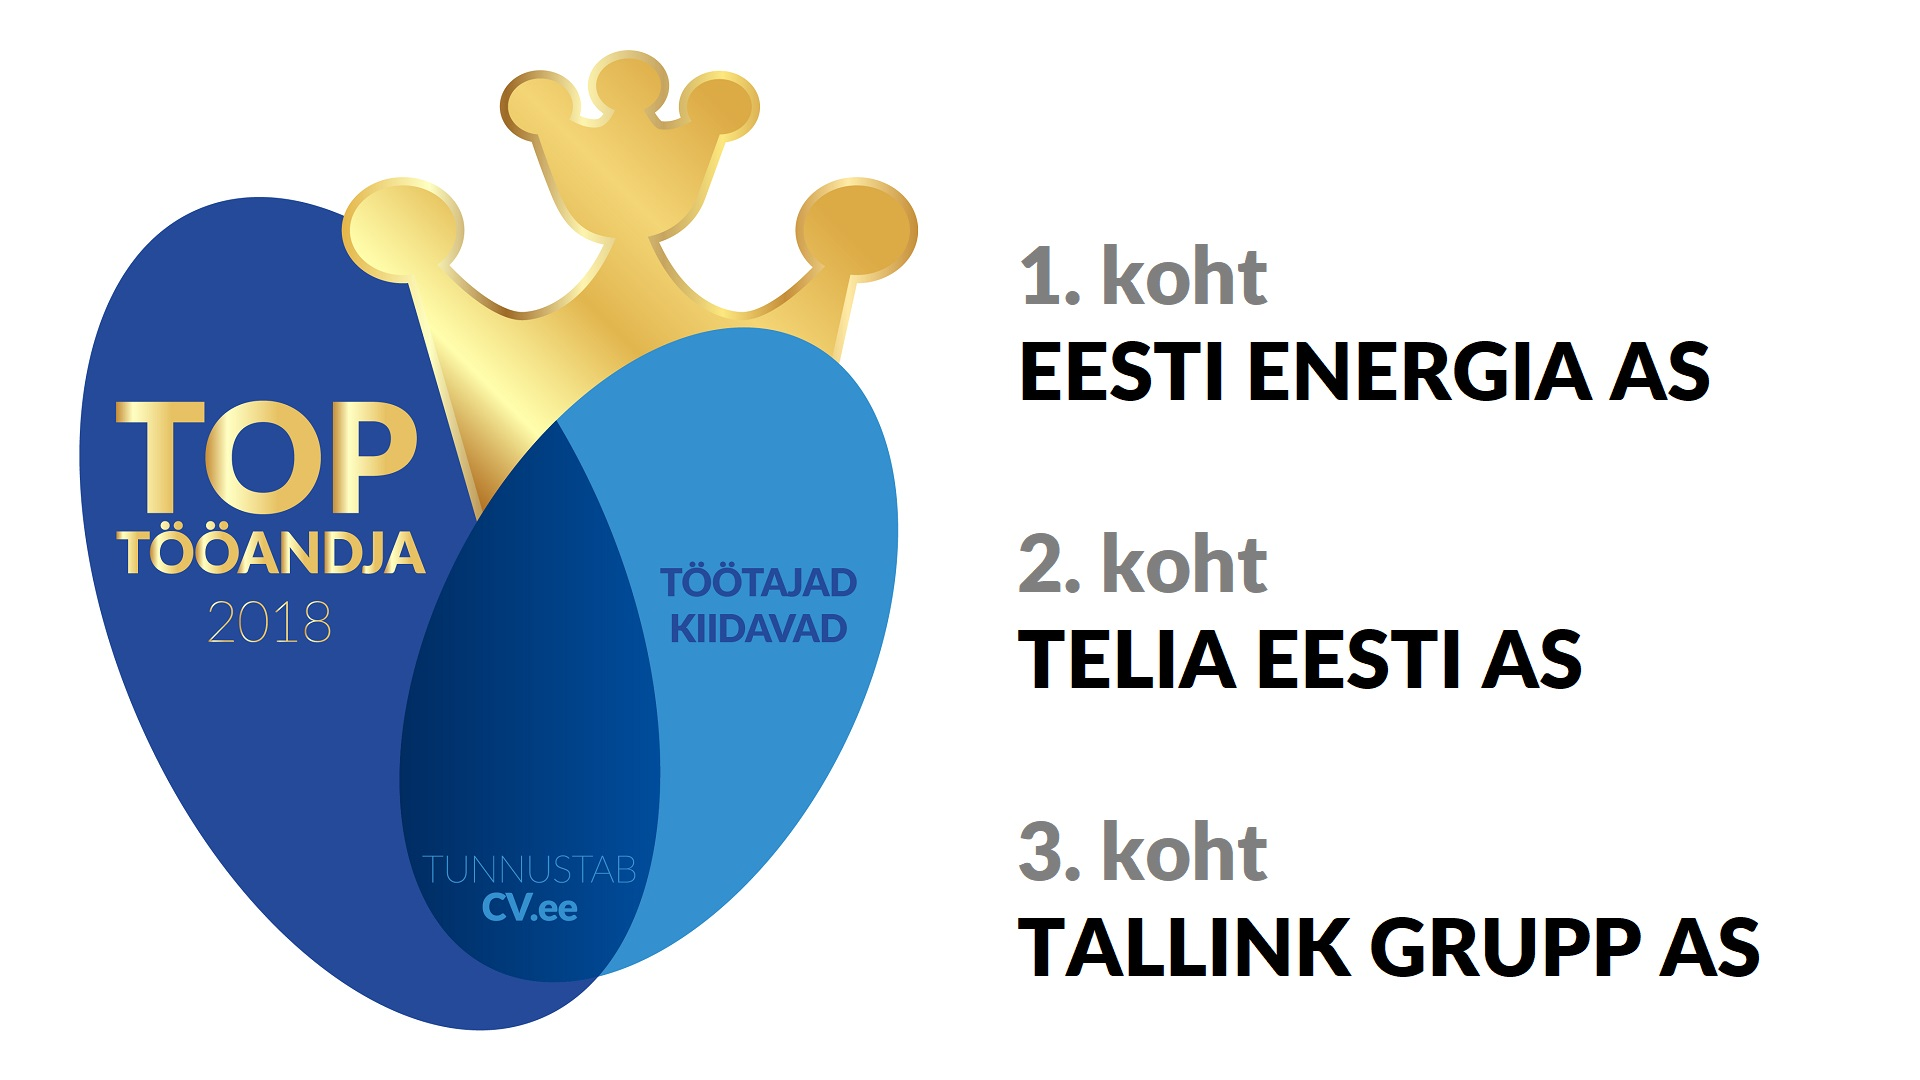 CV-Online: eestimaalased tahavad üle kõige töötada Eesti Energias: igast 7. praktikandist saab Eesti Energia töötaja